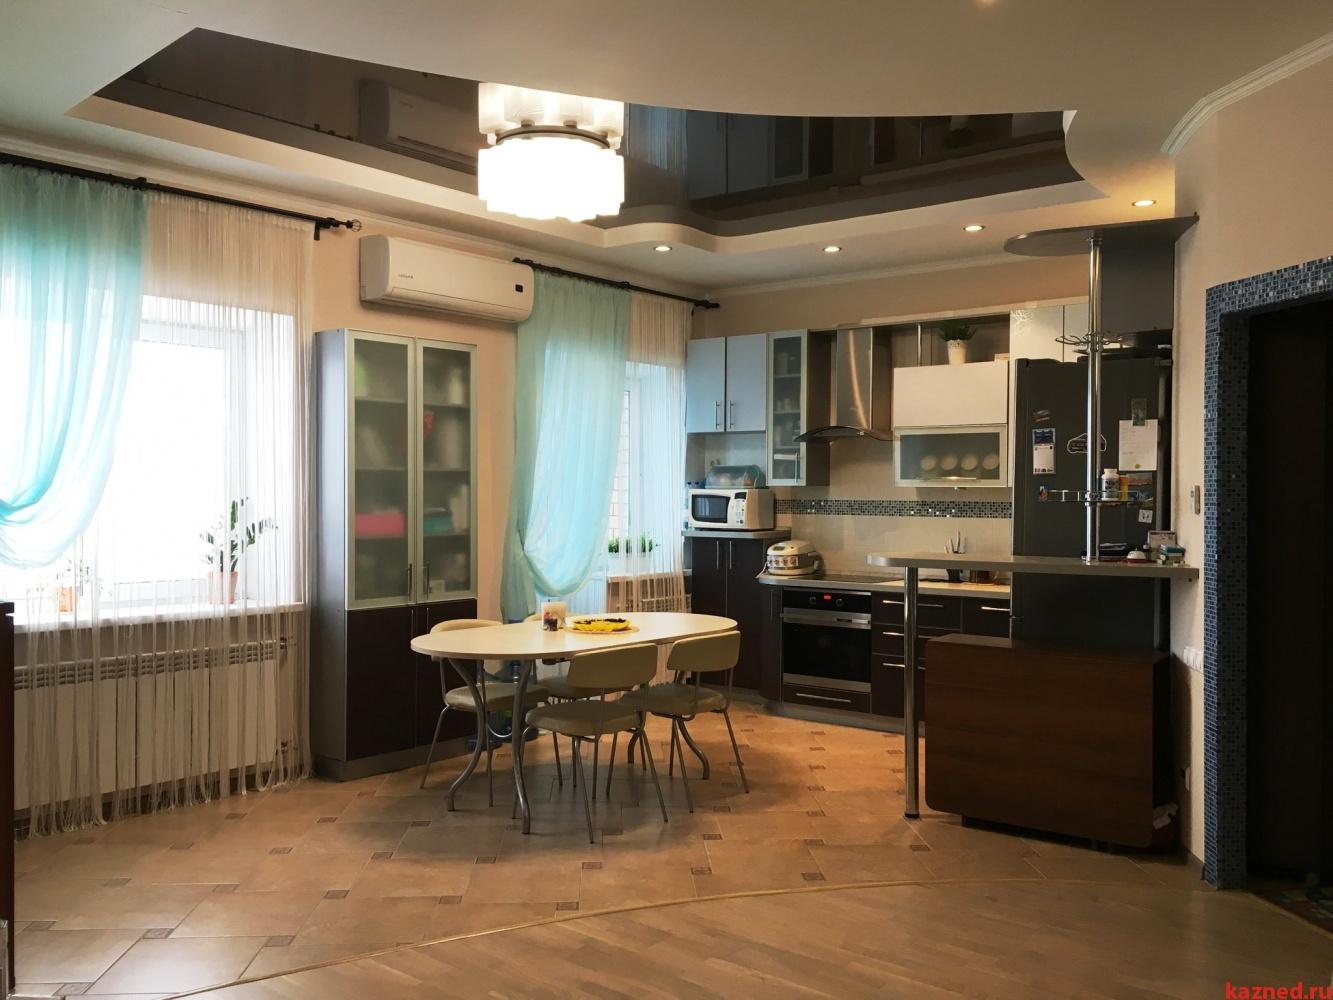 Продажа 4-к квартиры Чистопольская, д.38, 140 м²  (миниатюра №1)